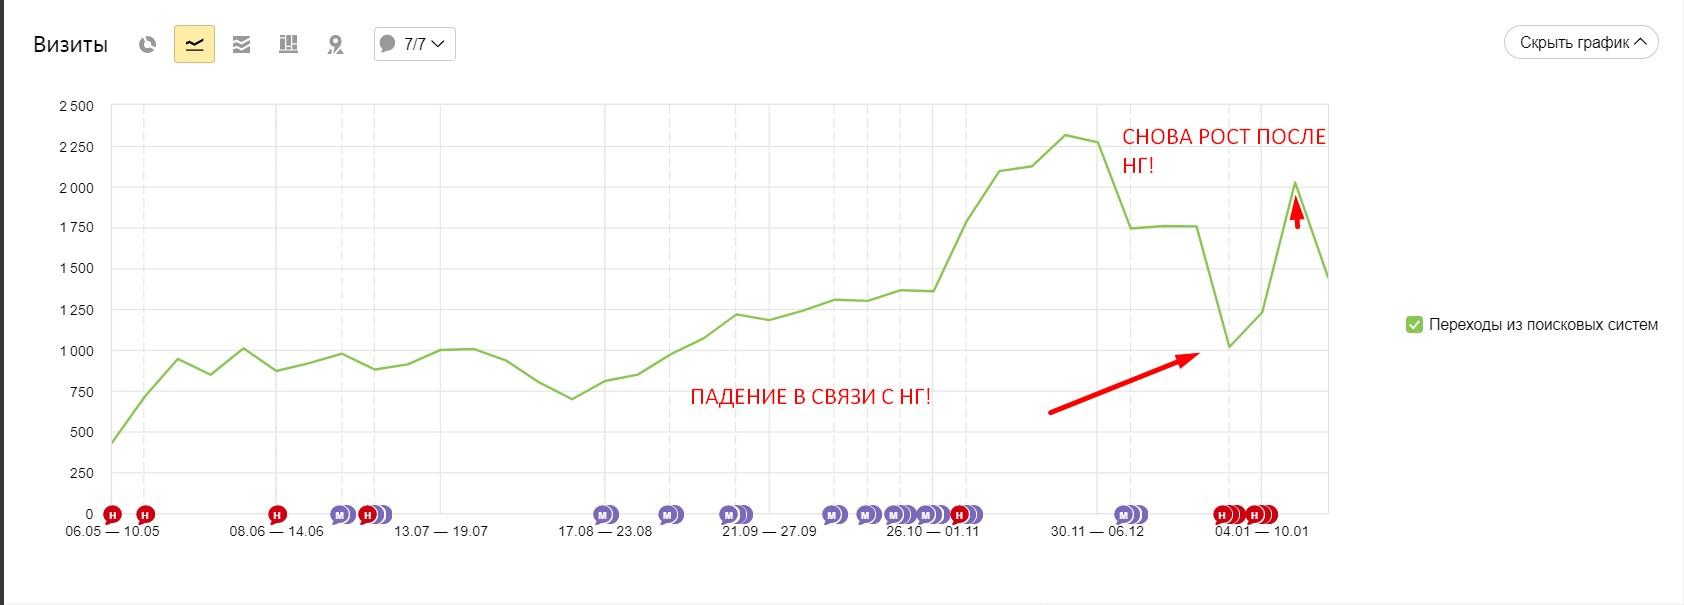 Честный рост органического трафика за период продвижения + просядка из-за НГ!